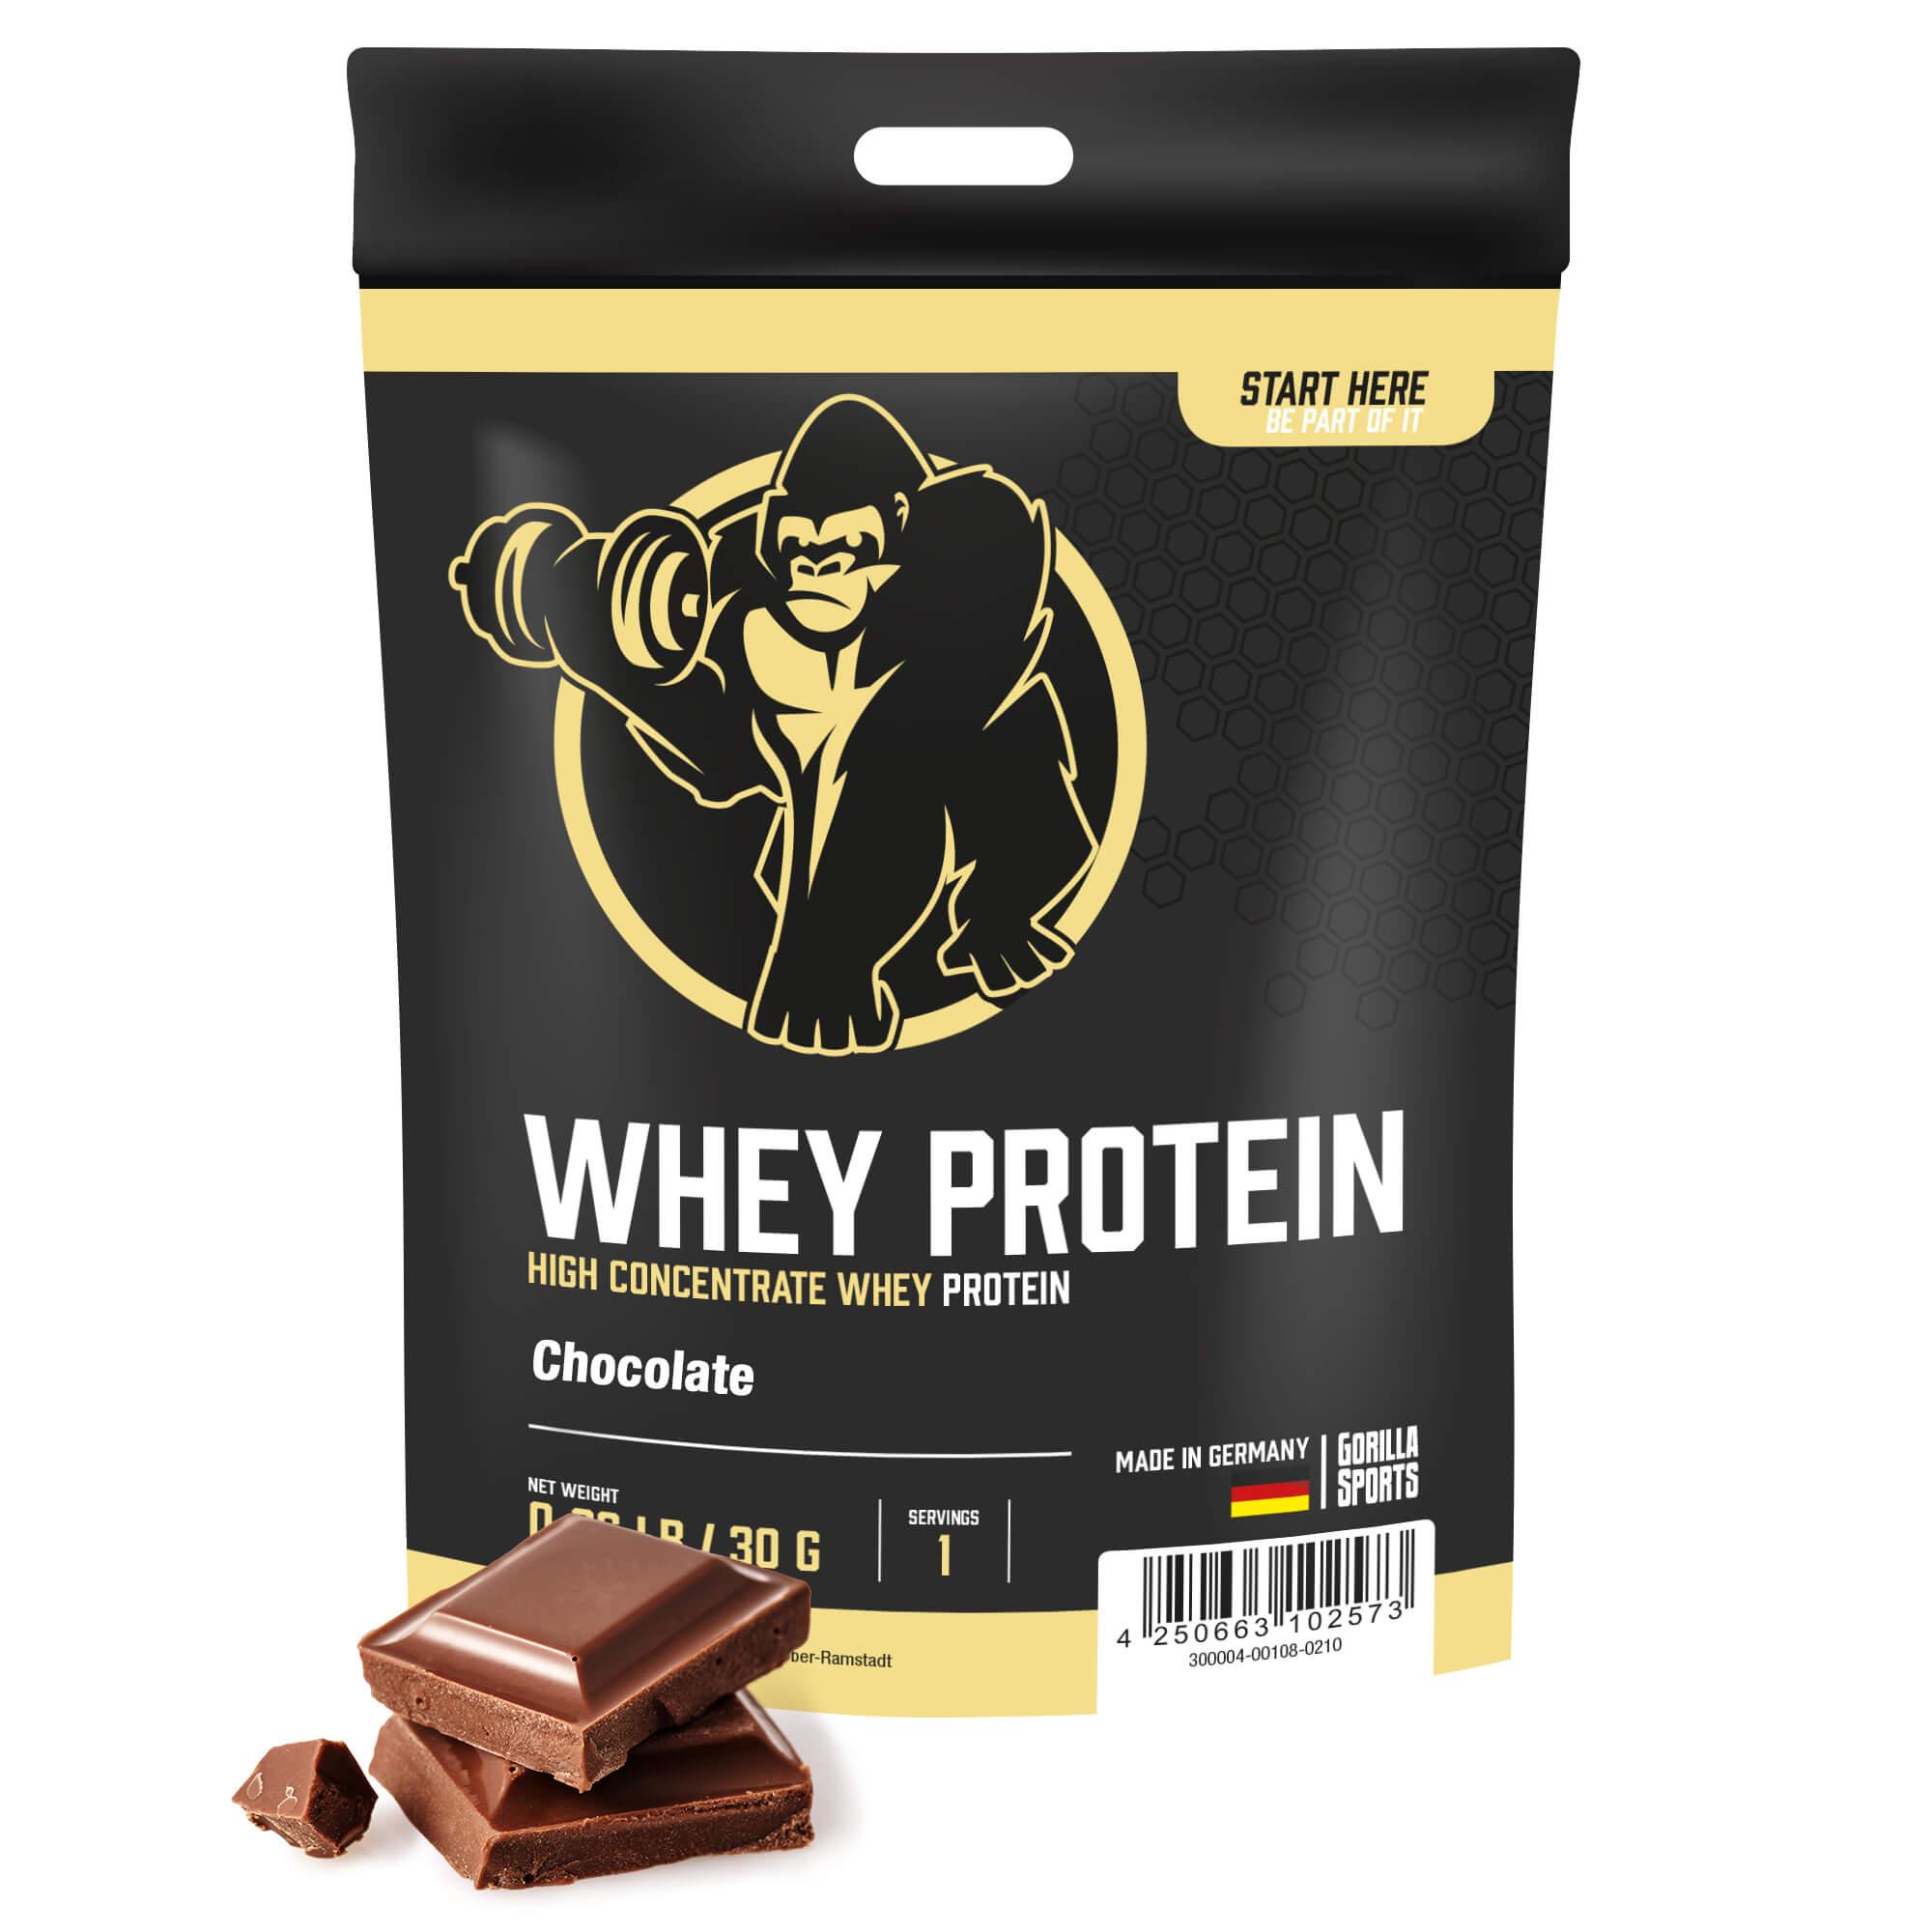 Whey Protein Schokolade 30g